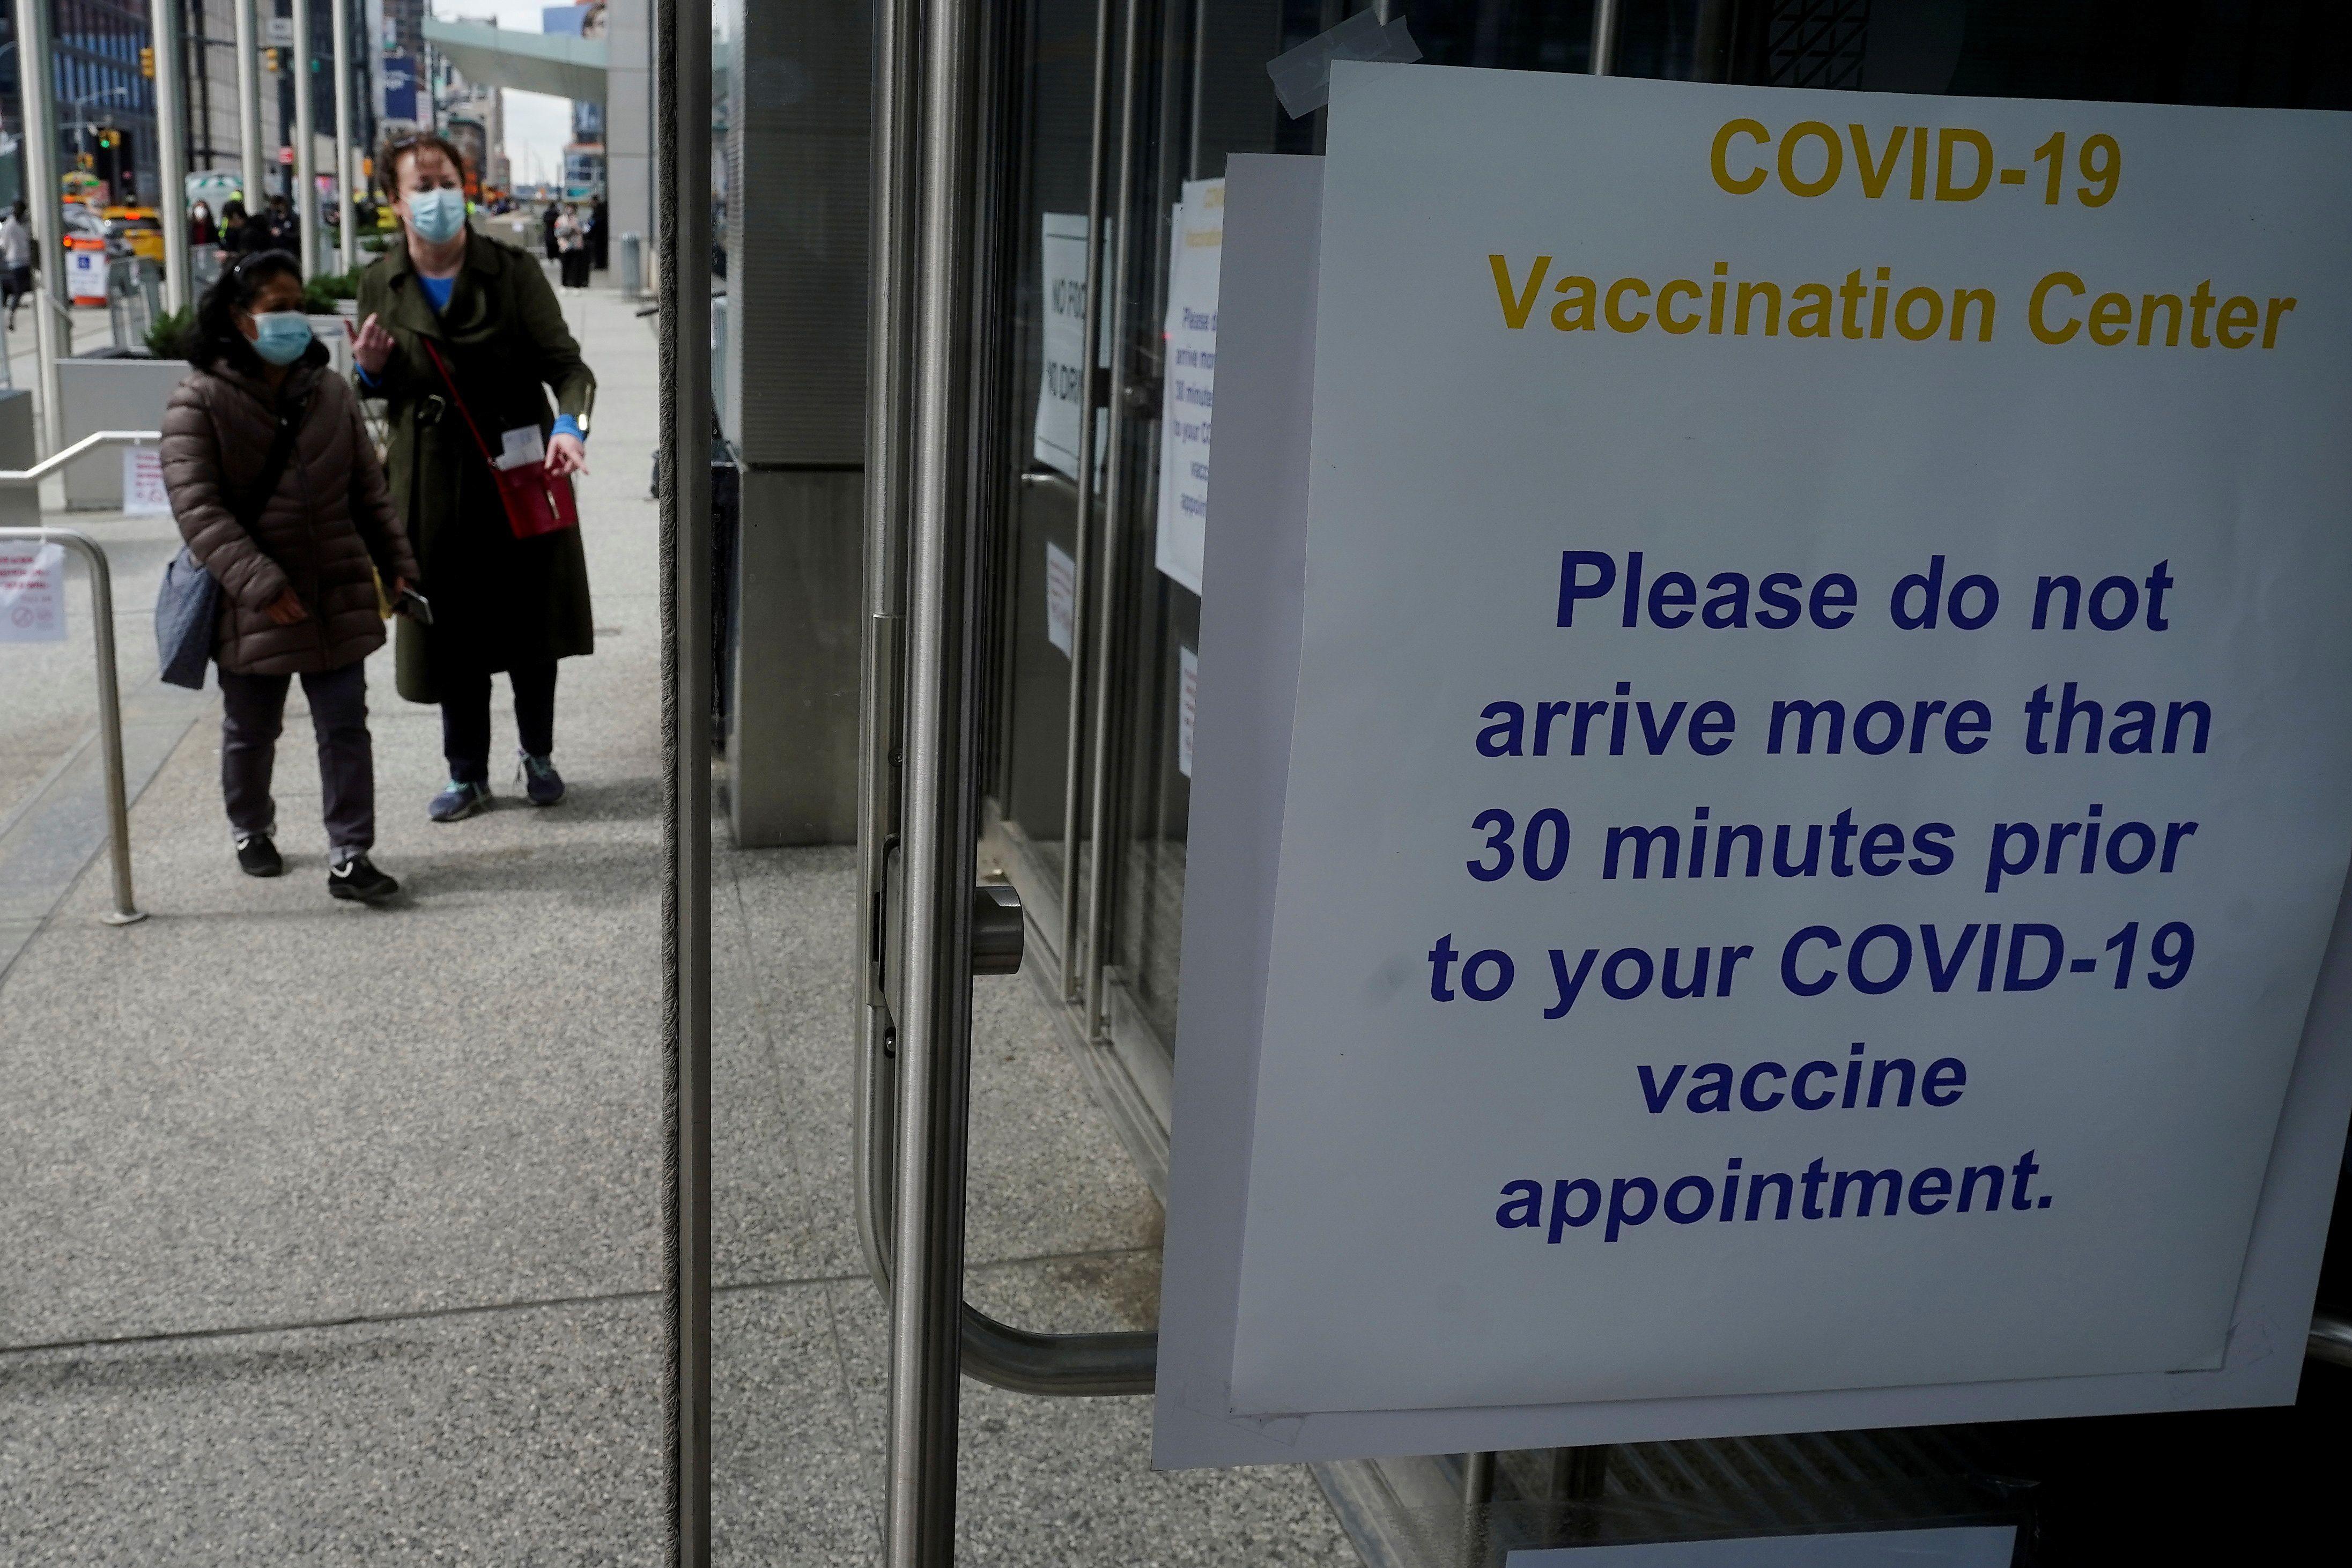 Estados Unidos está realizando una gran campaña de vacunación, con el récord de 4,6 millones de aplicaciones diarias. REUTERS/Carlo Allegri